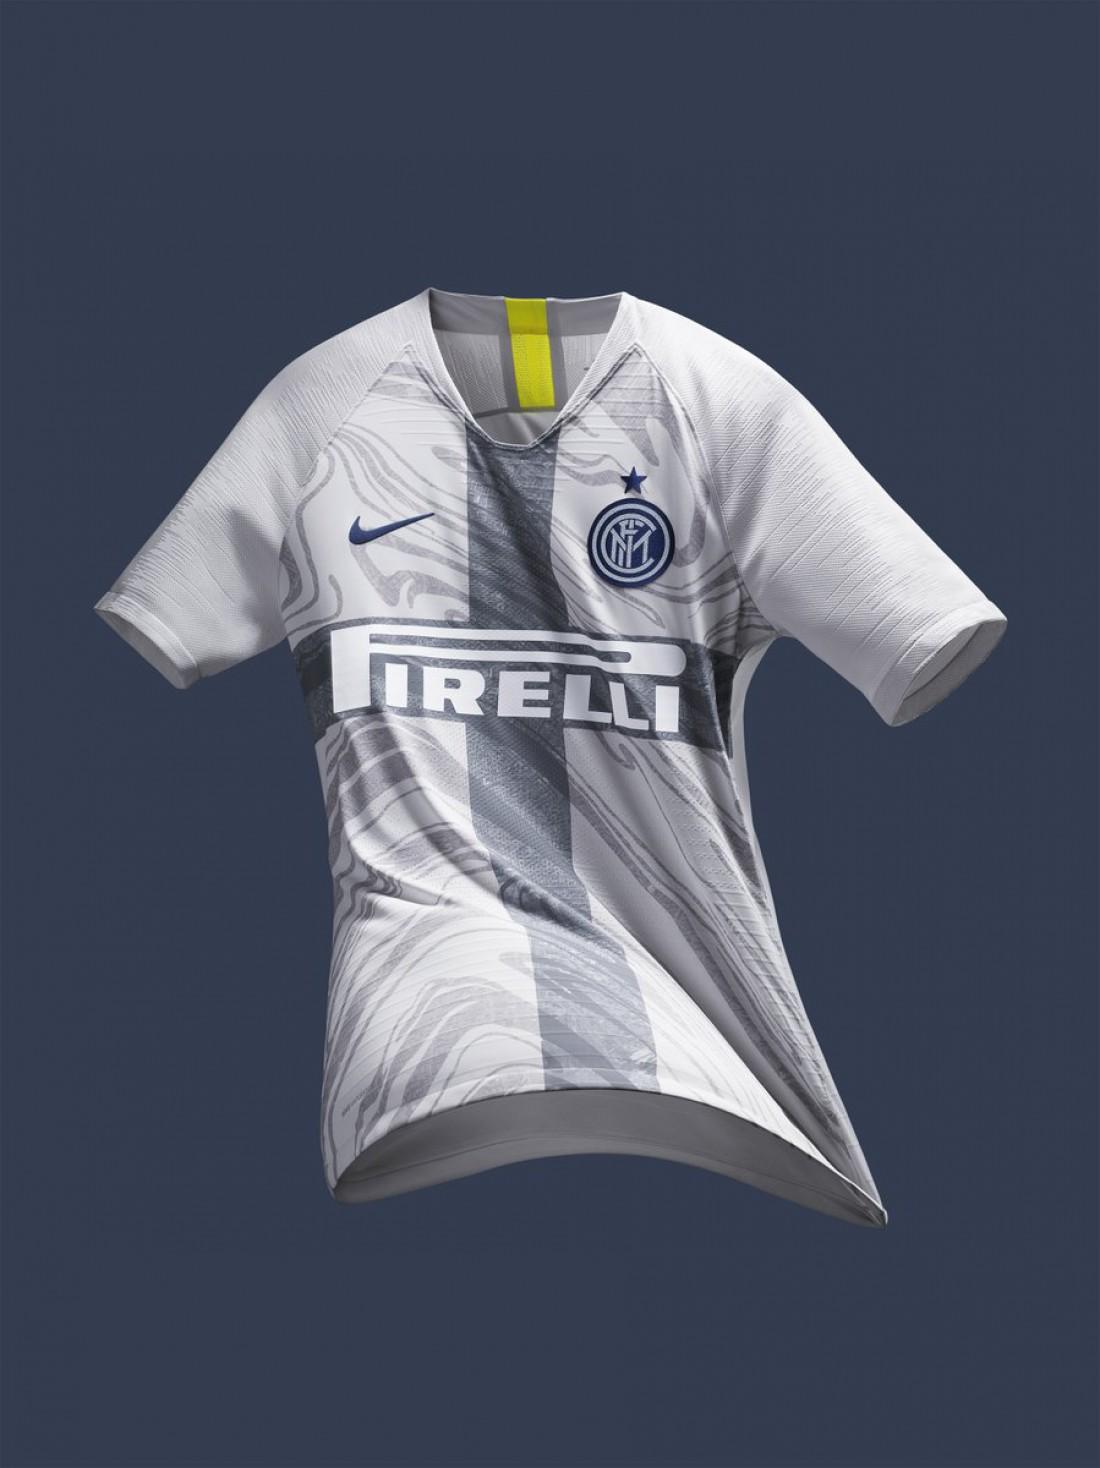 Интер представил третий комплект формы на сезон 2018/19